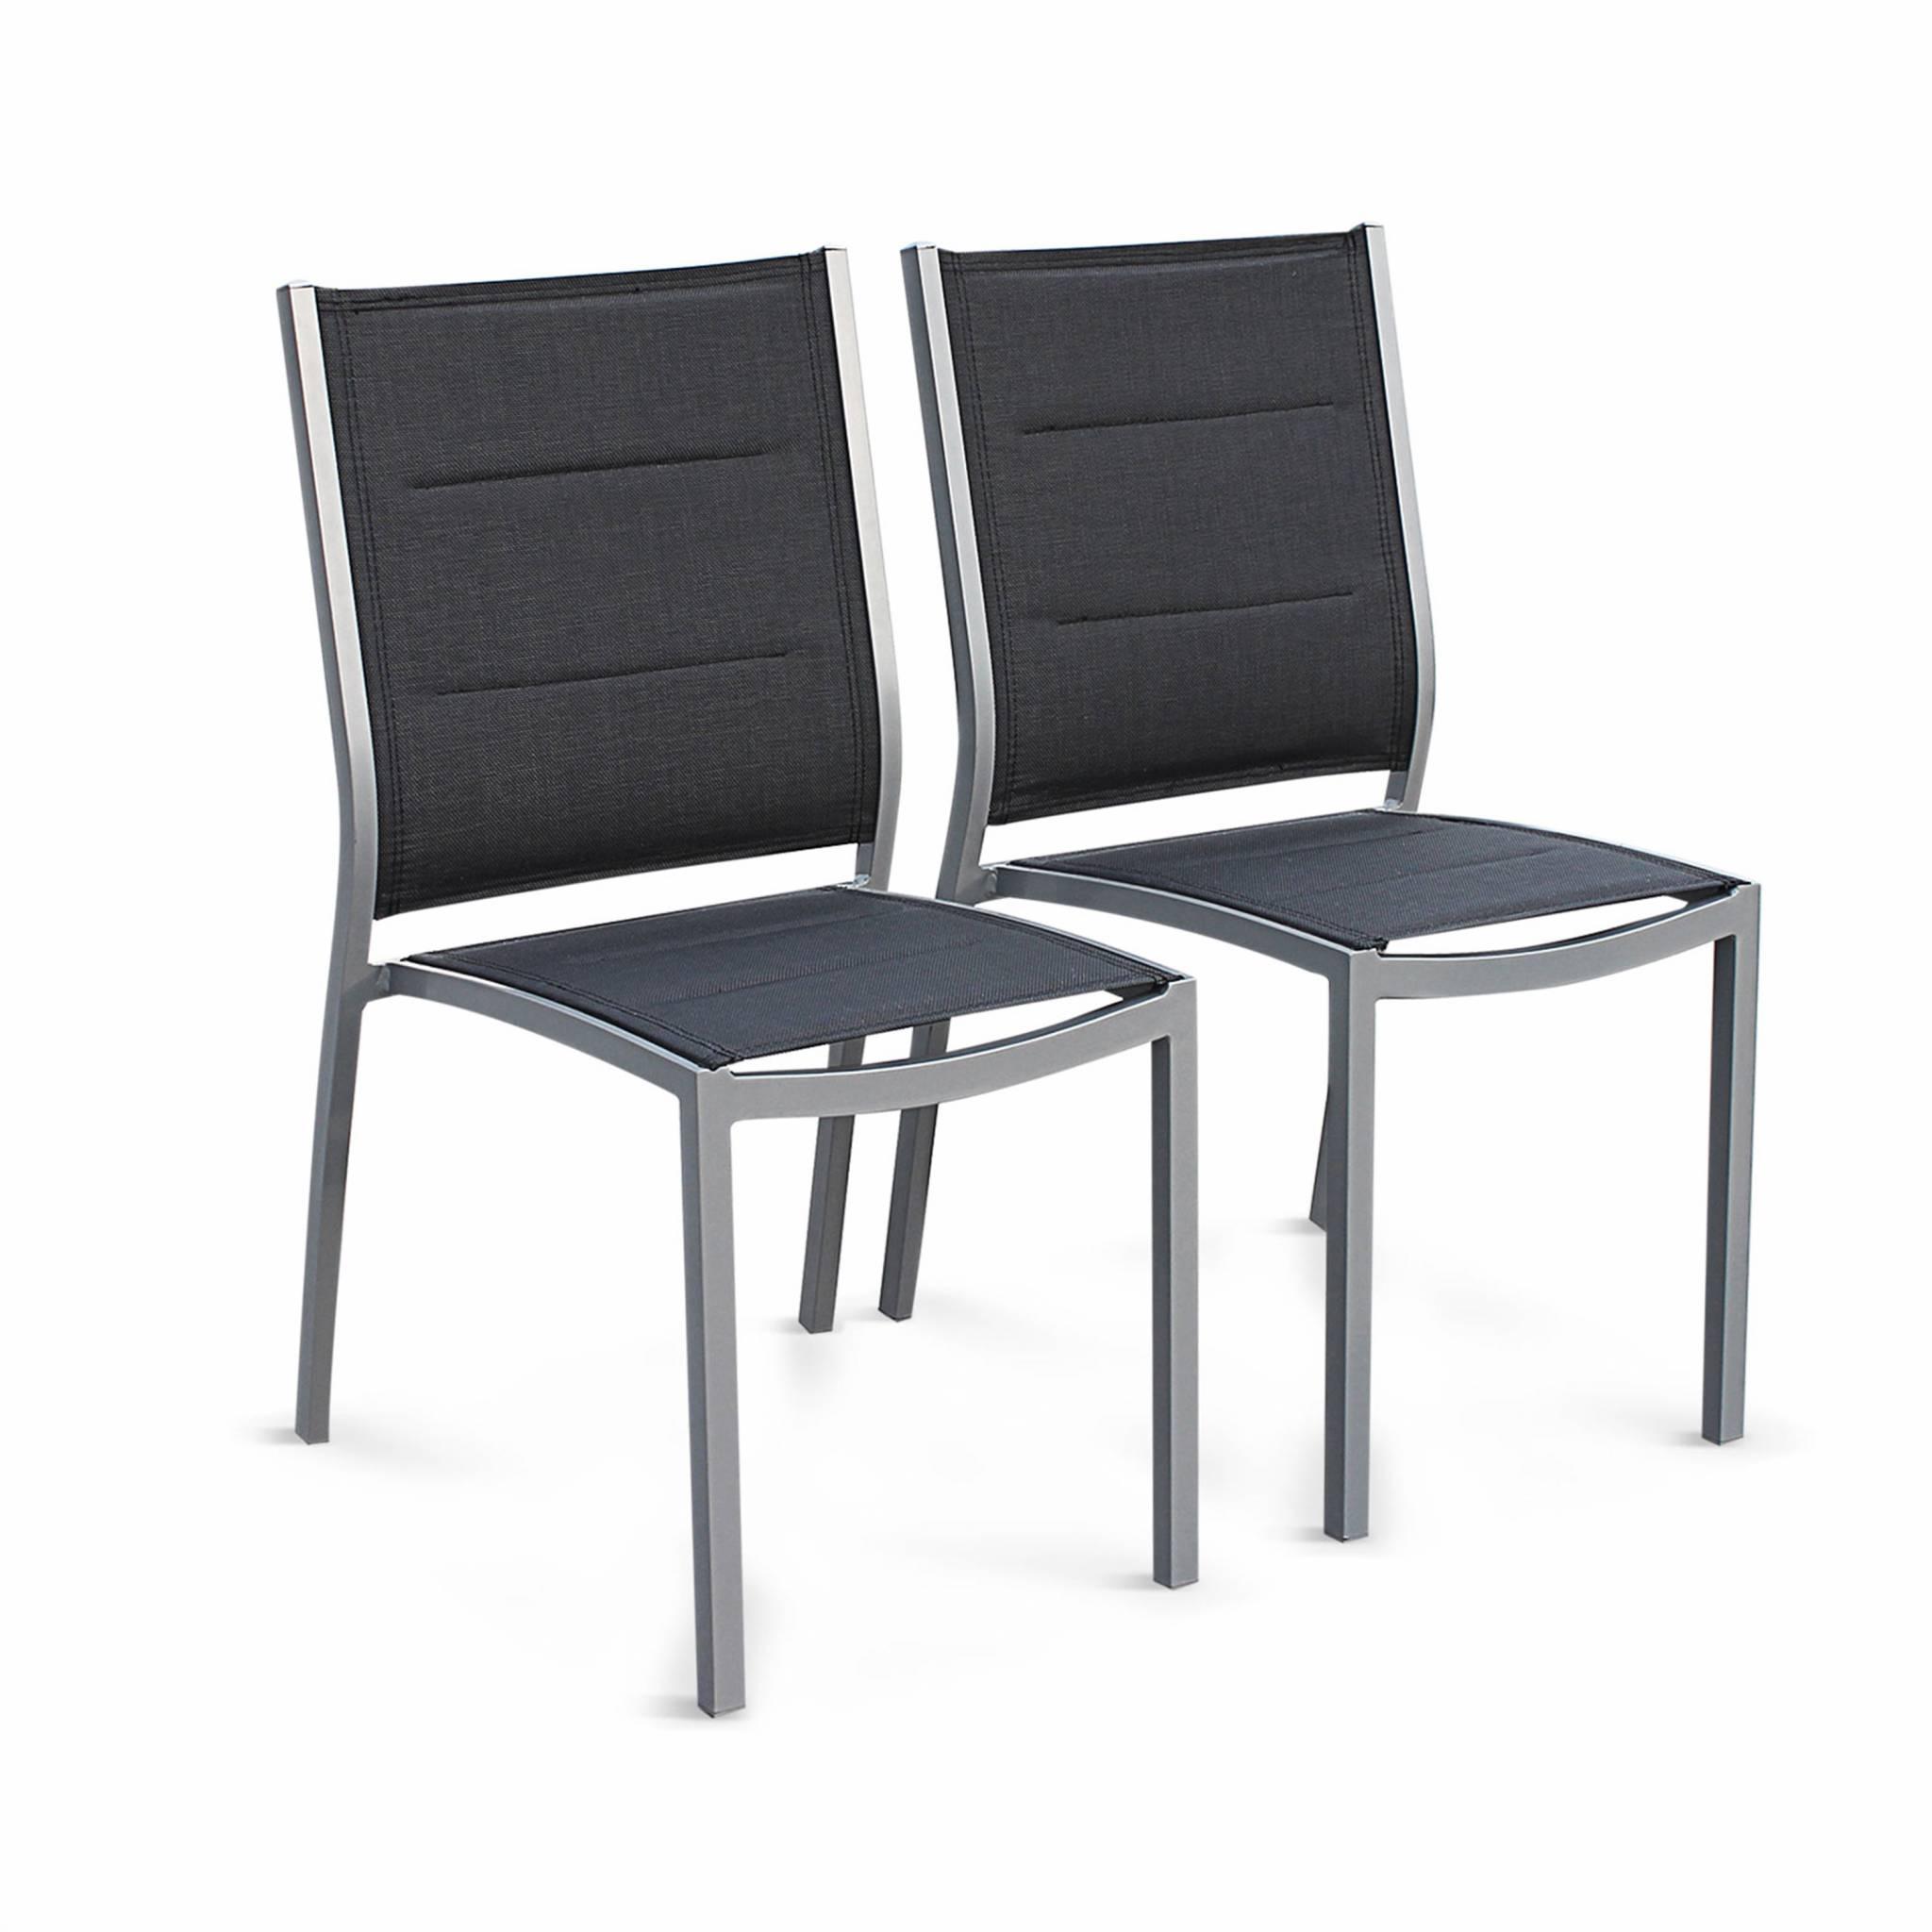 Lot de 2 chaises en aluminium gris et textilène gris